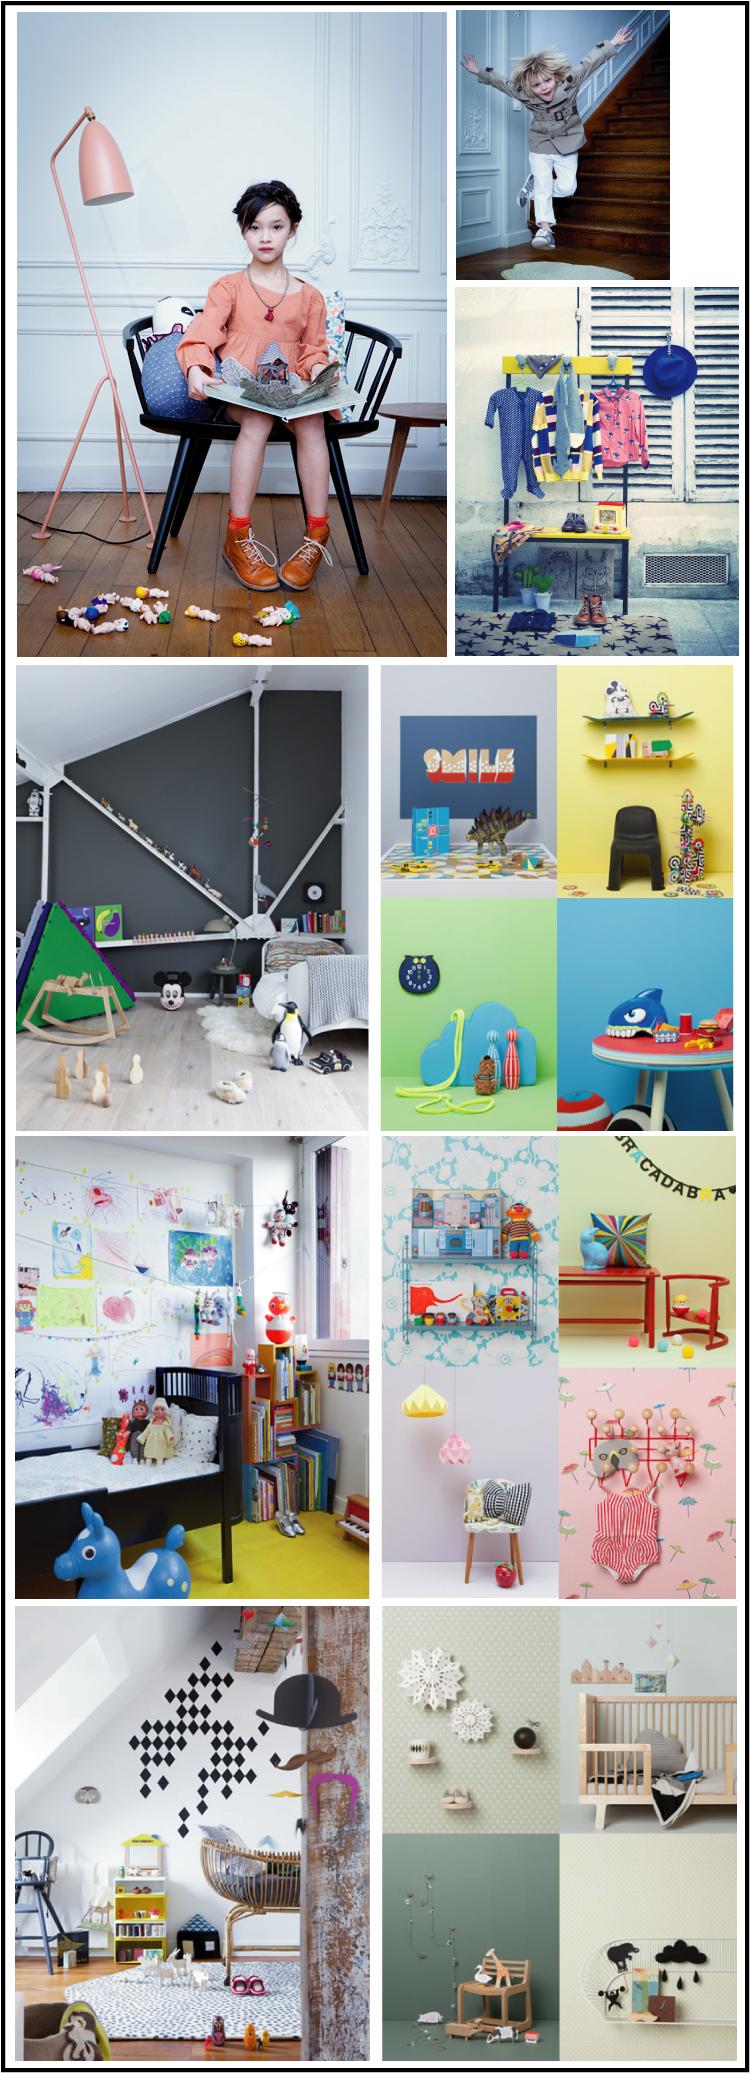 julie-ansieu-photographies-chambres enfants et portraits enfants parues dans milk, papier maché,